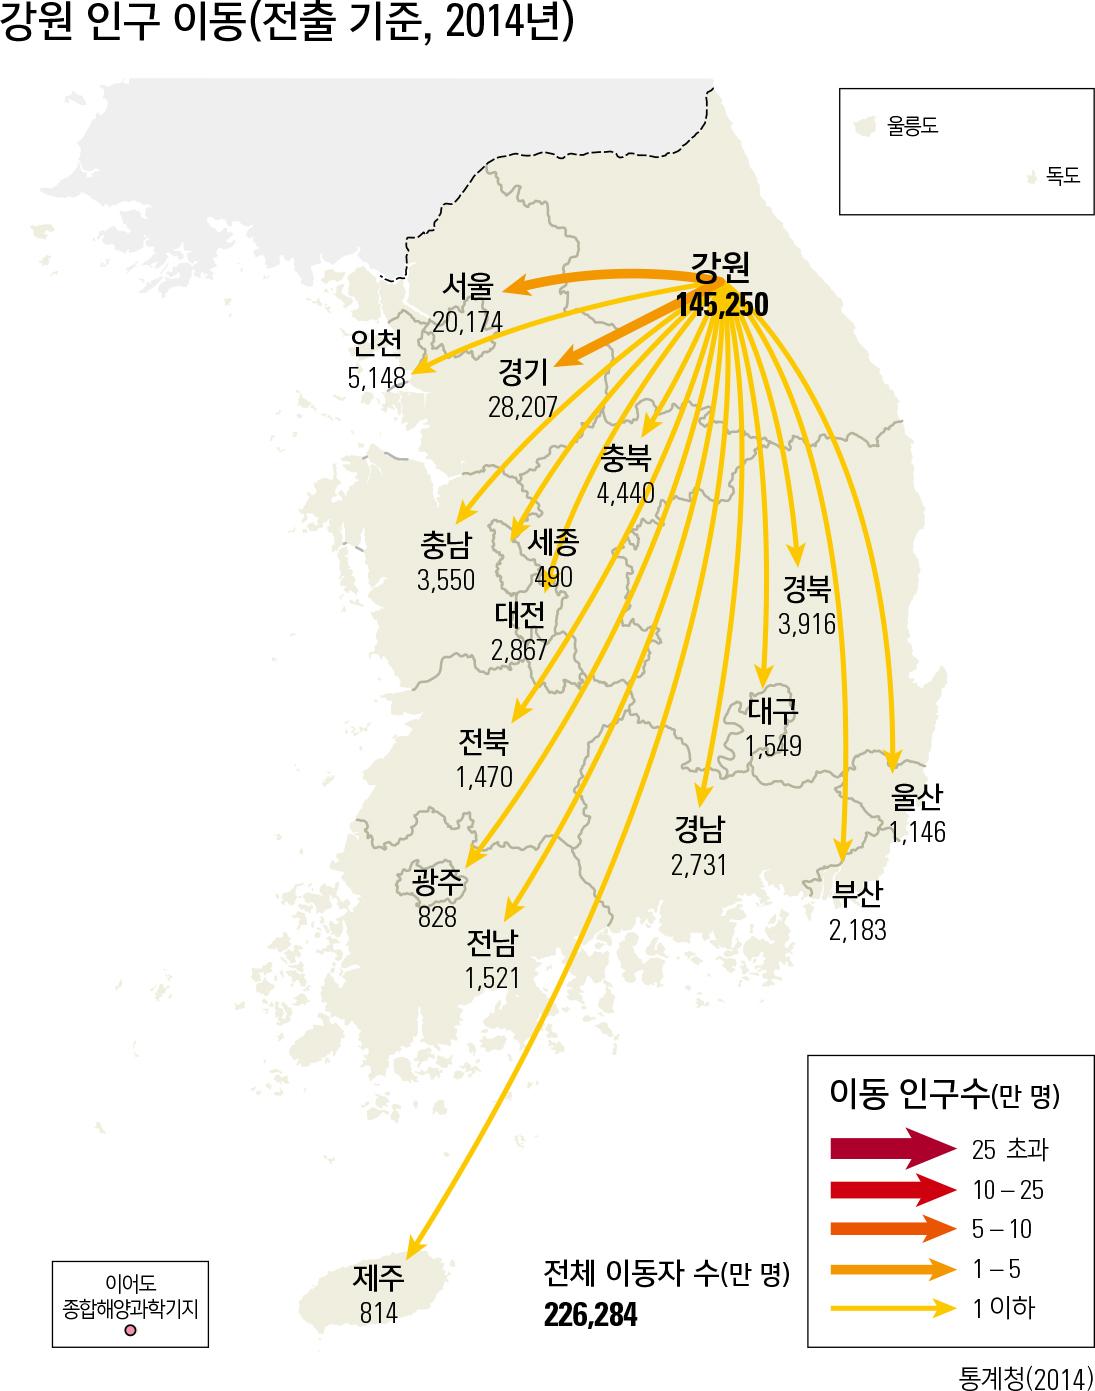 강원 인구 이동(전출 기준, 2014년)